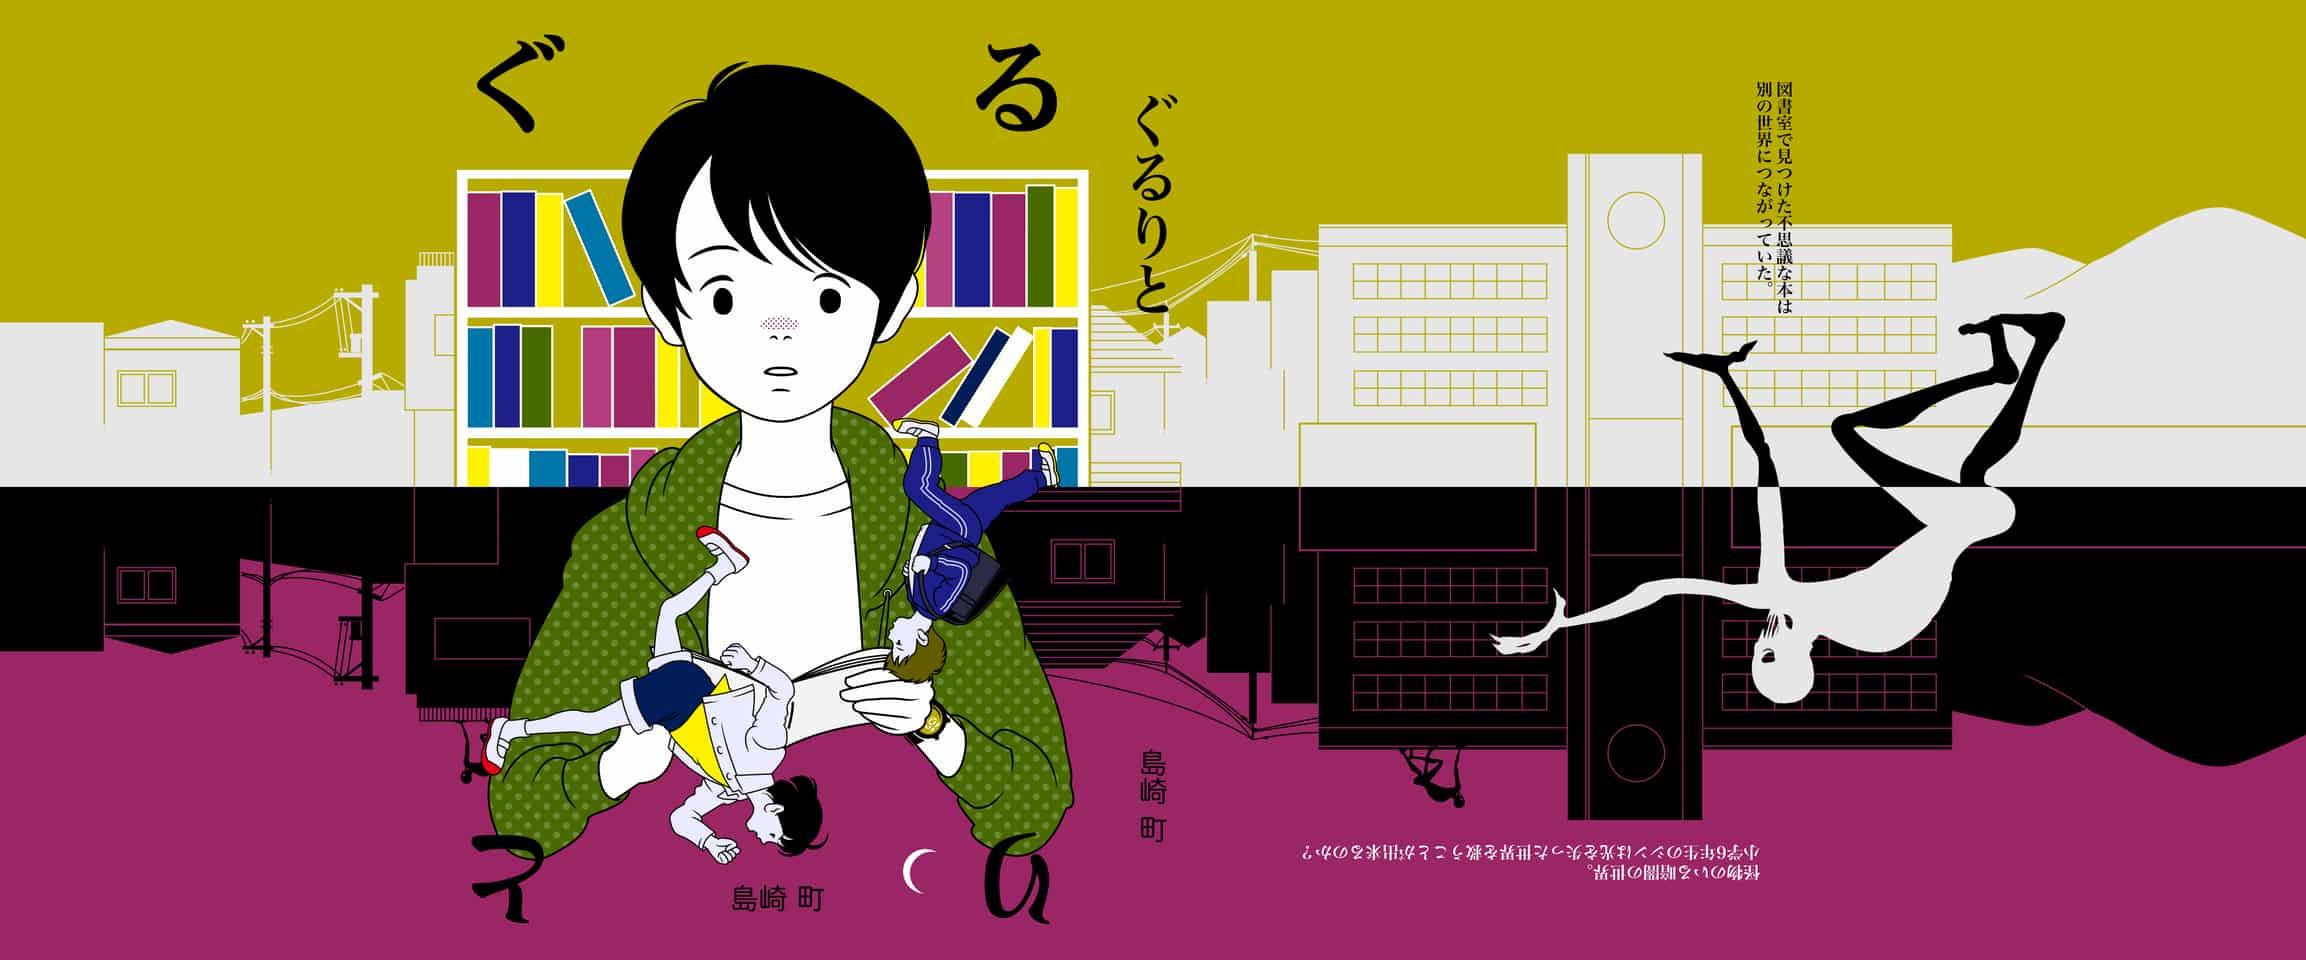 ぐるりと Different colors Illust of neg Spinning_contest 装丁 illustration ぐるりと 装画